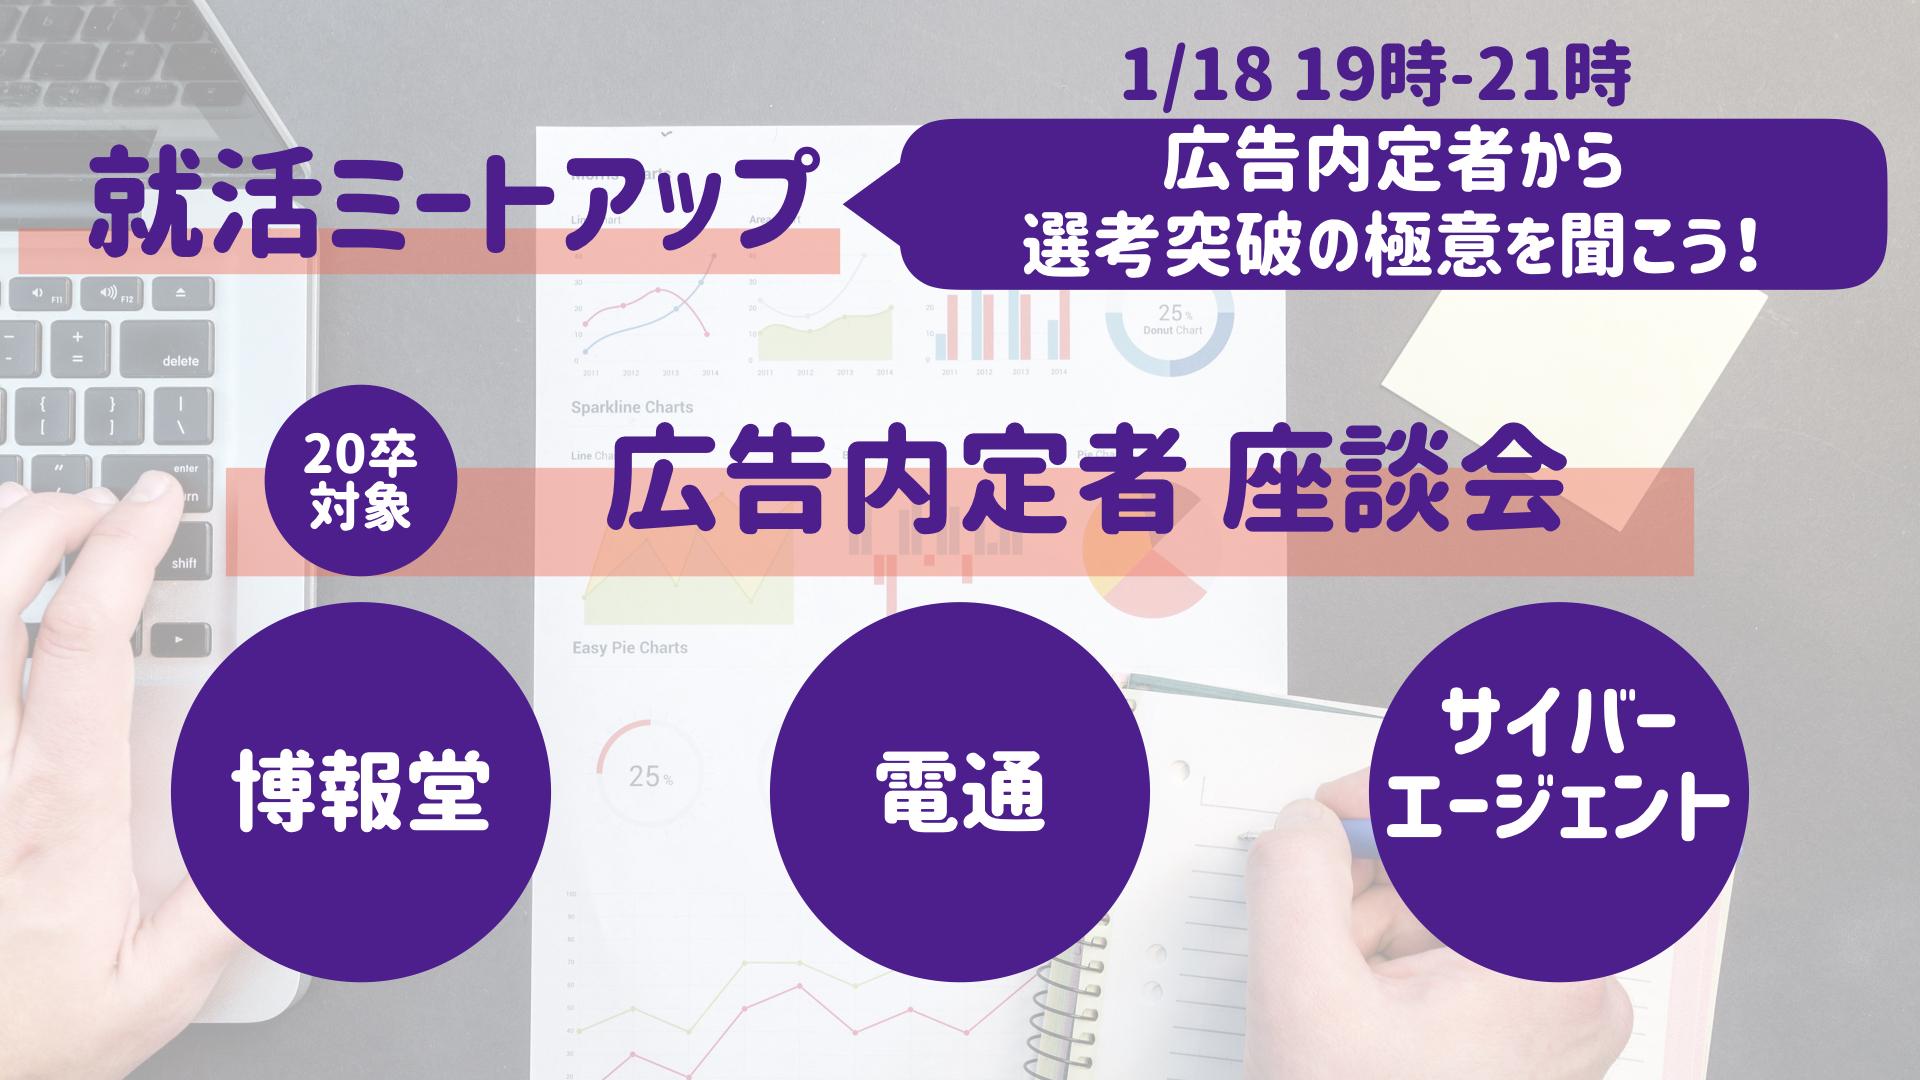 【就活ミートアップ】1/18(金)に電通・博報堂・サイバー内定者座談会を開催します。